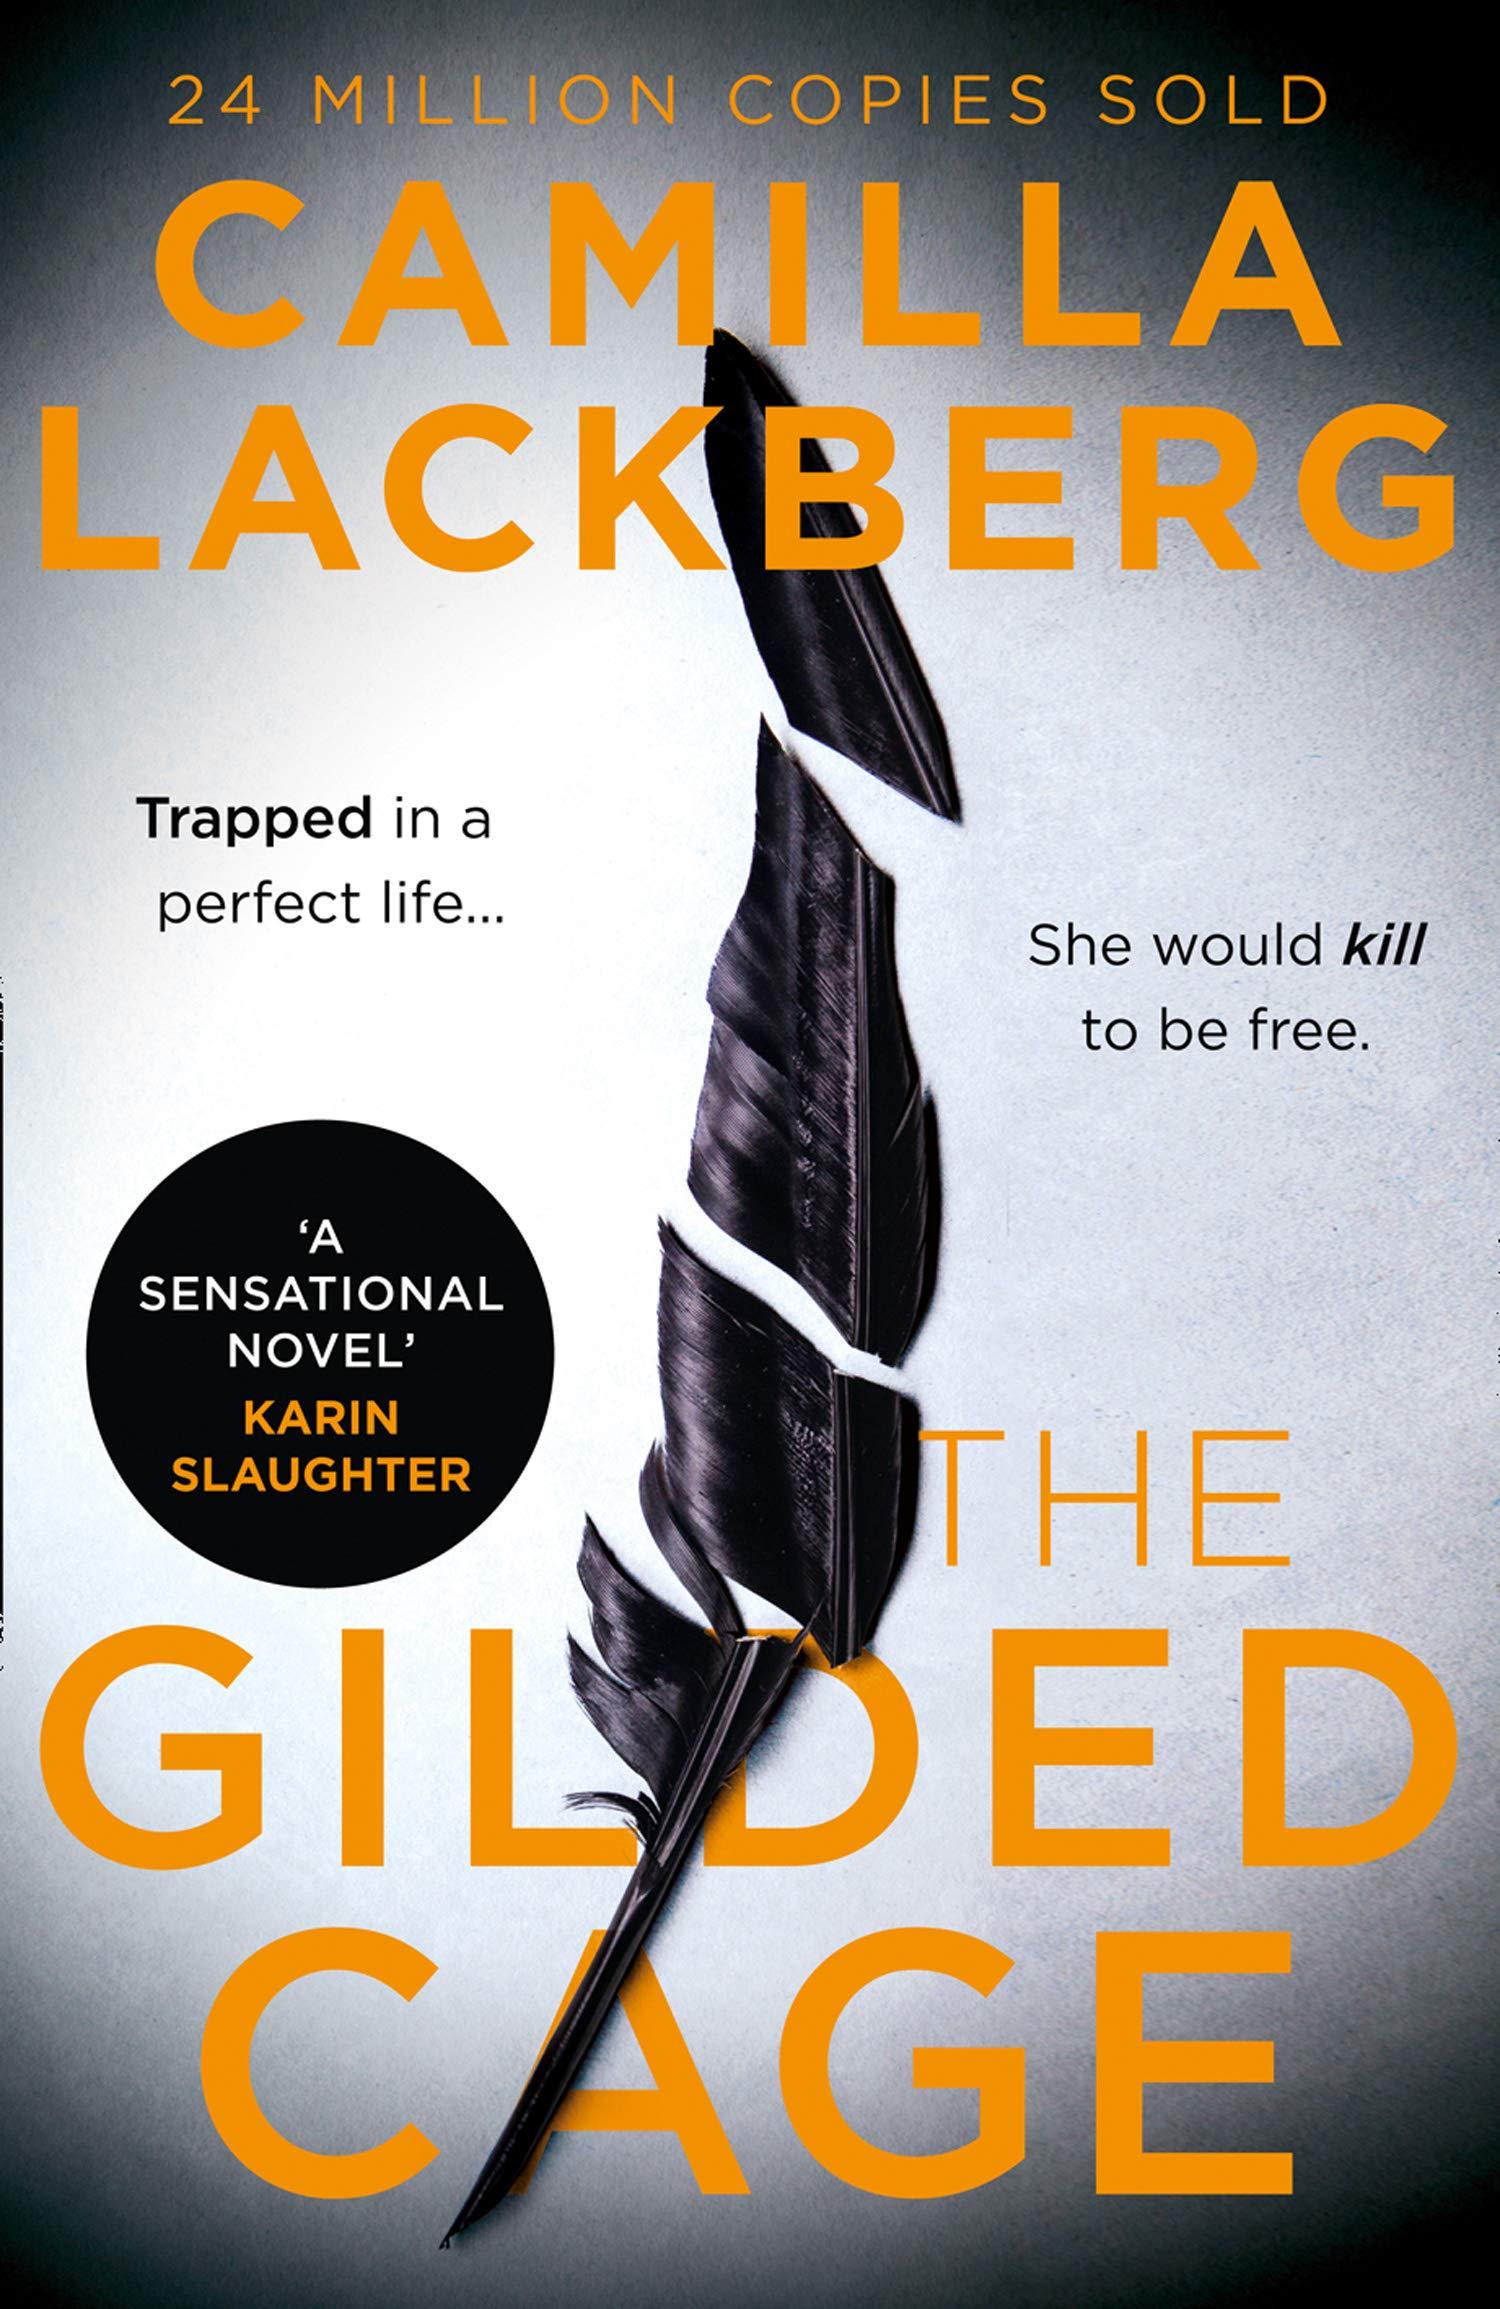 The Gilded Cage: Amazon.es: Lackberg, Camilla: Libros en idiomas ...